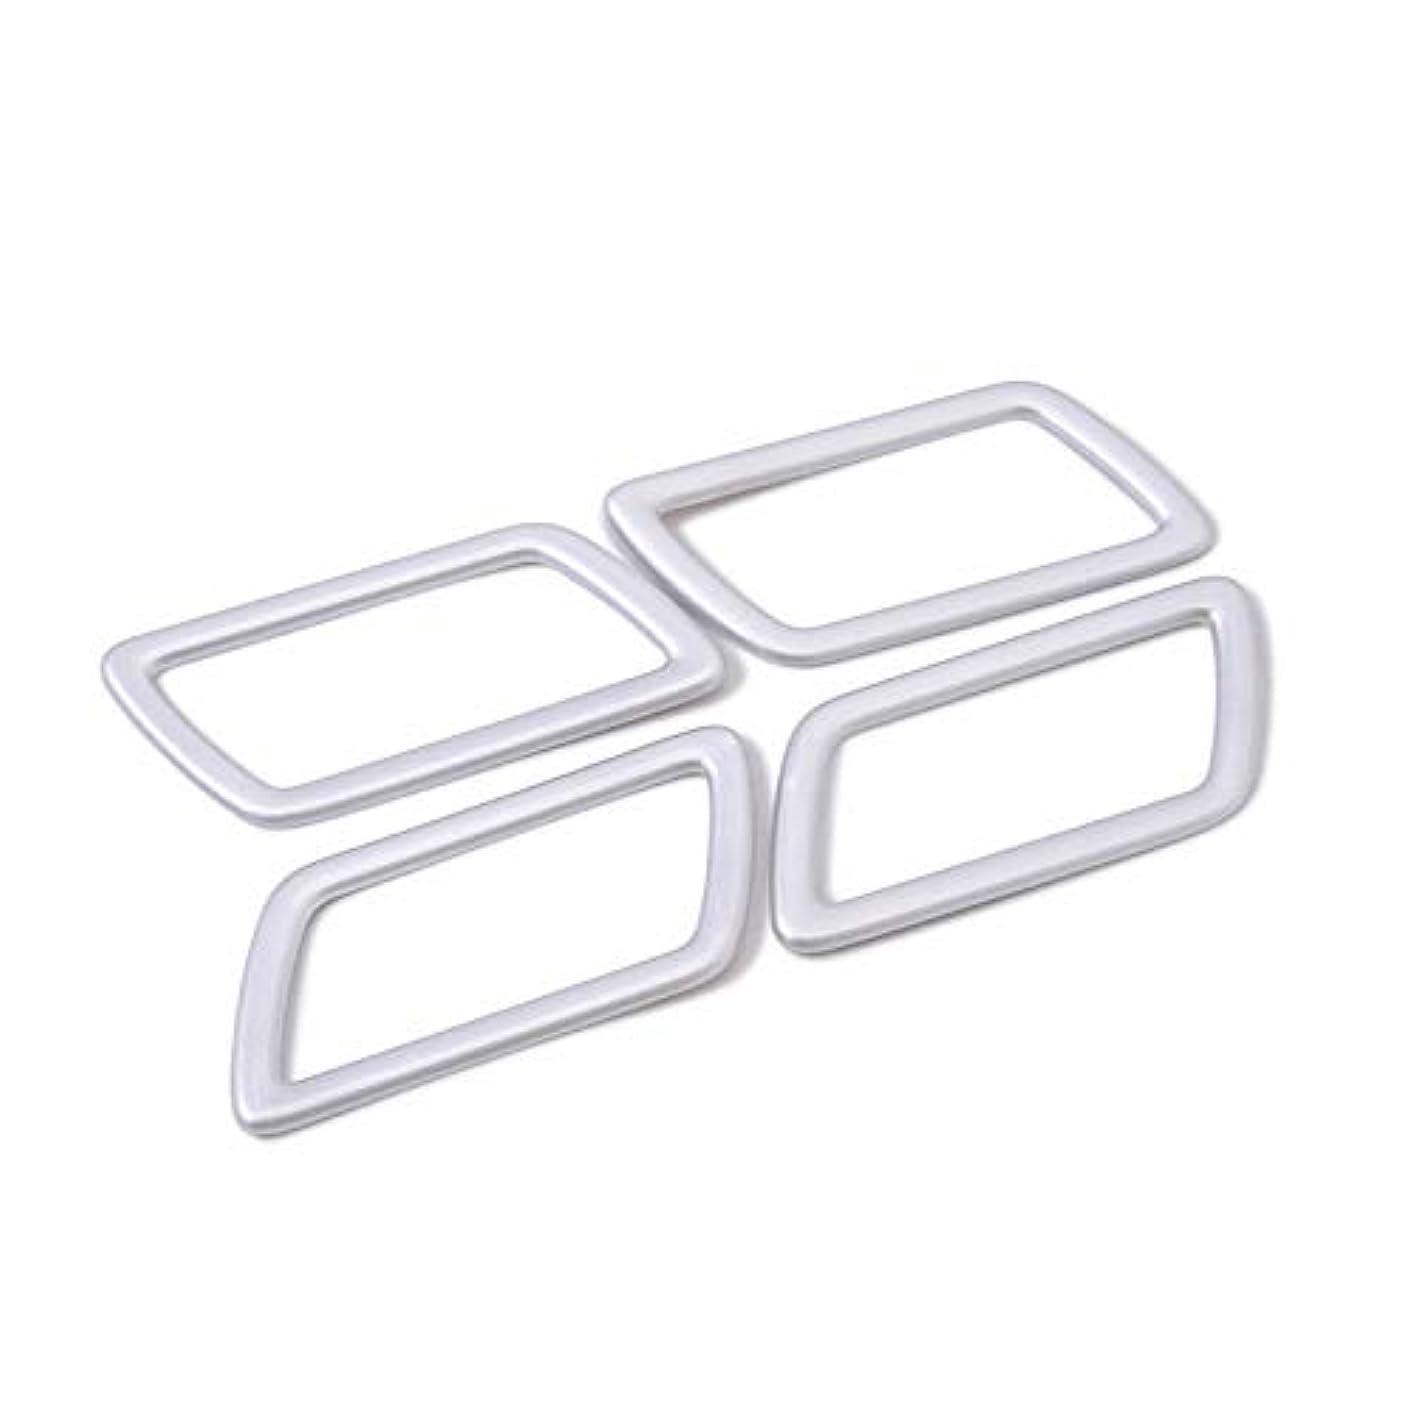 本当のことを言うとメディカル持参Jicorzo - Car Interior Door Handle Cover Trim Sticker Armrest Storage Box Panel Fit for Chevrolet Equinox 2018 Car Accessories Styling